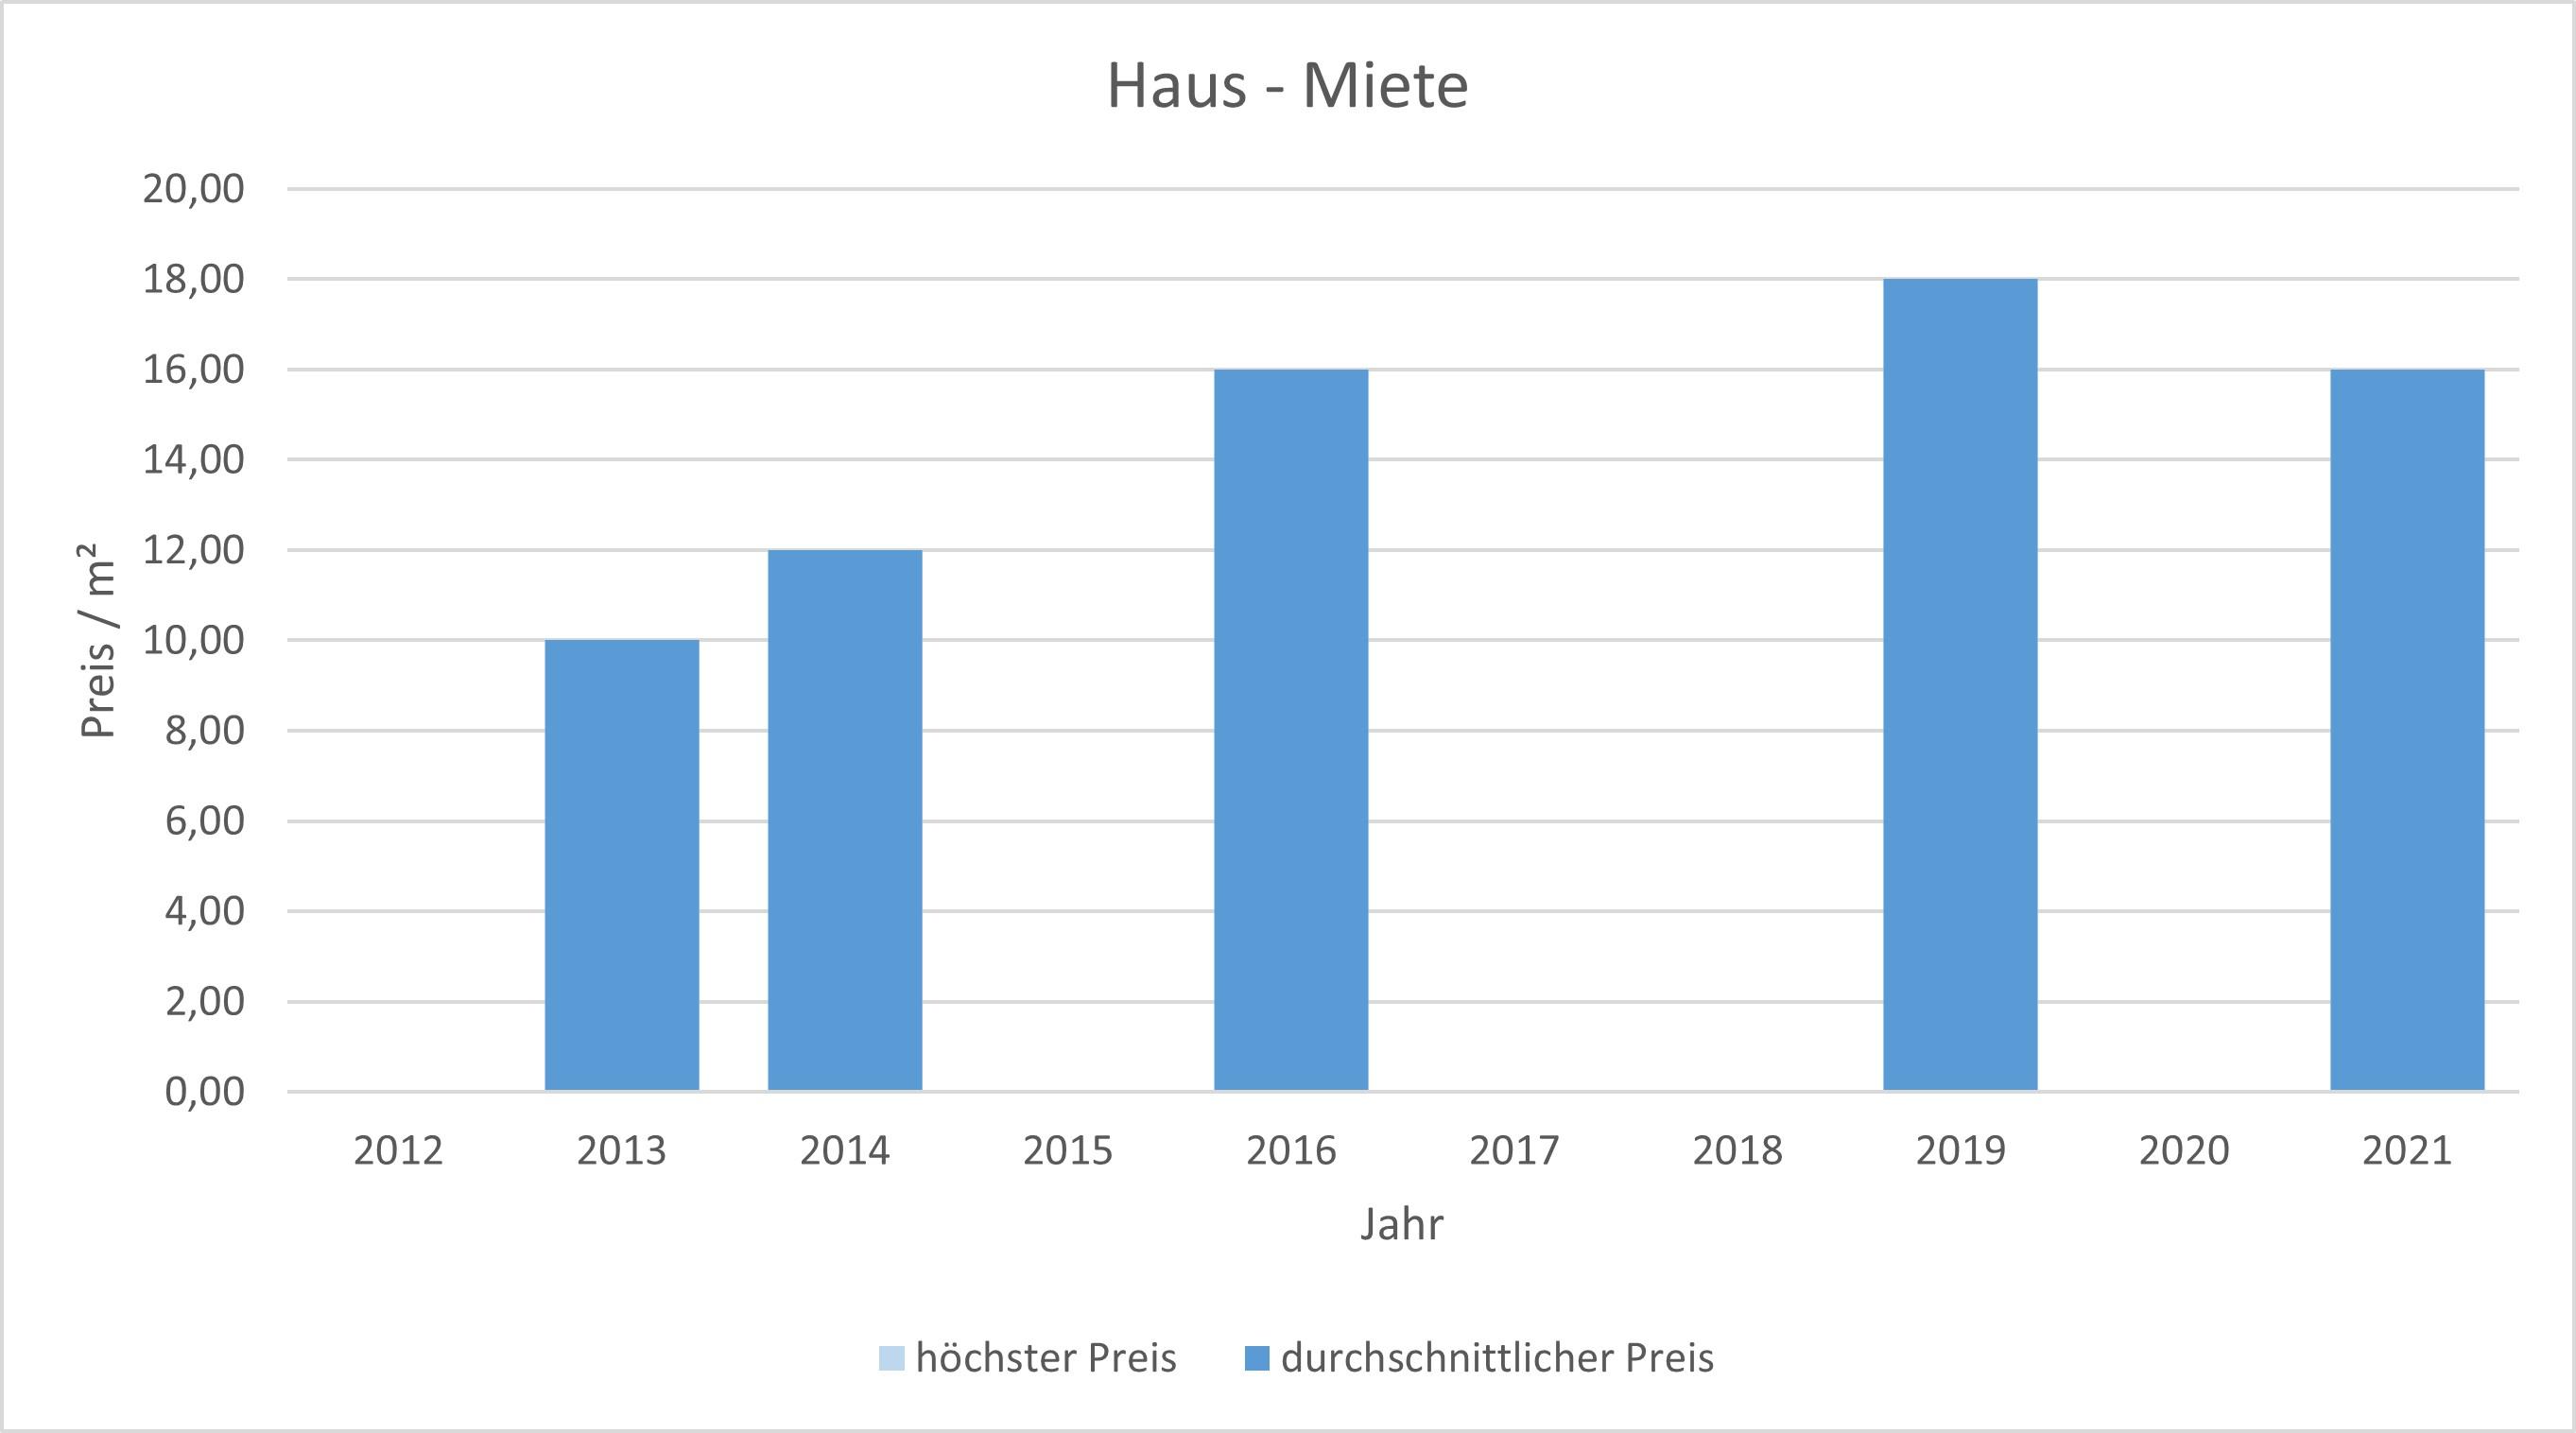 München - Fasanerie  Wohnung mieten vermieten Preis Bewertung Makler 2019 2020 2021 www.happy-immo.de